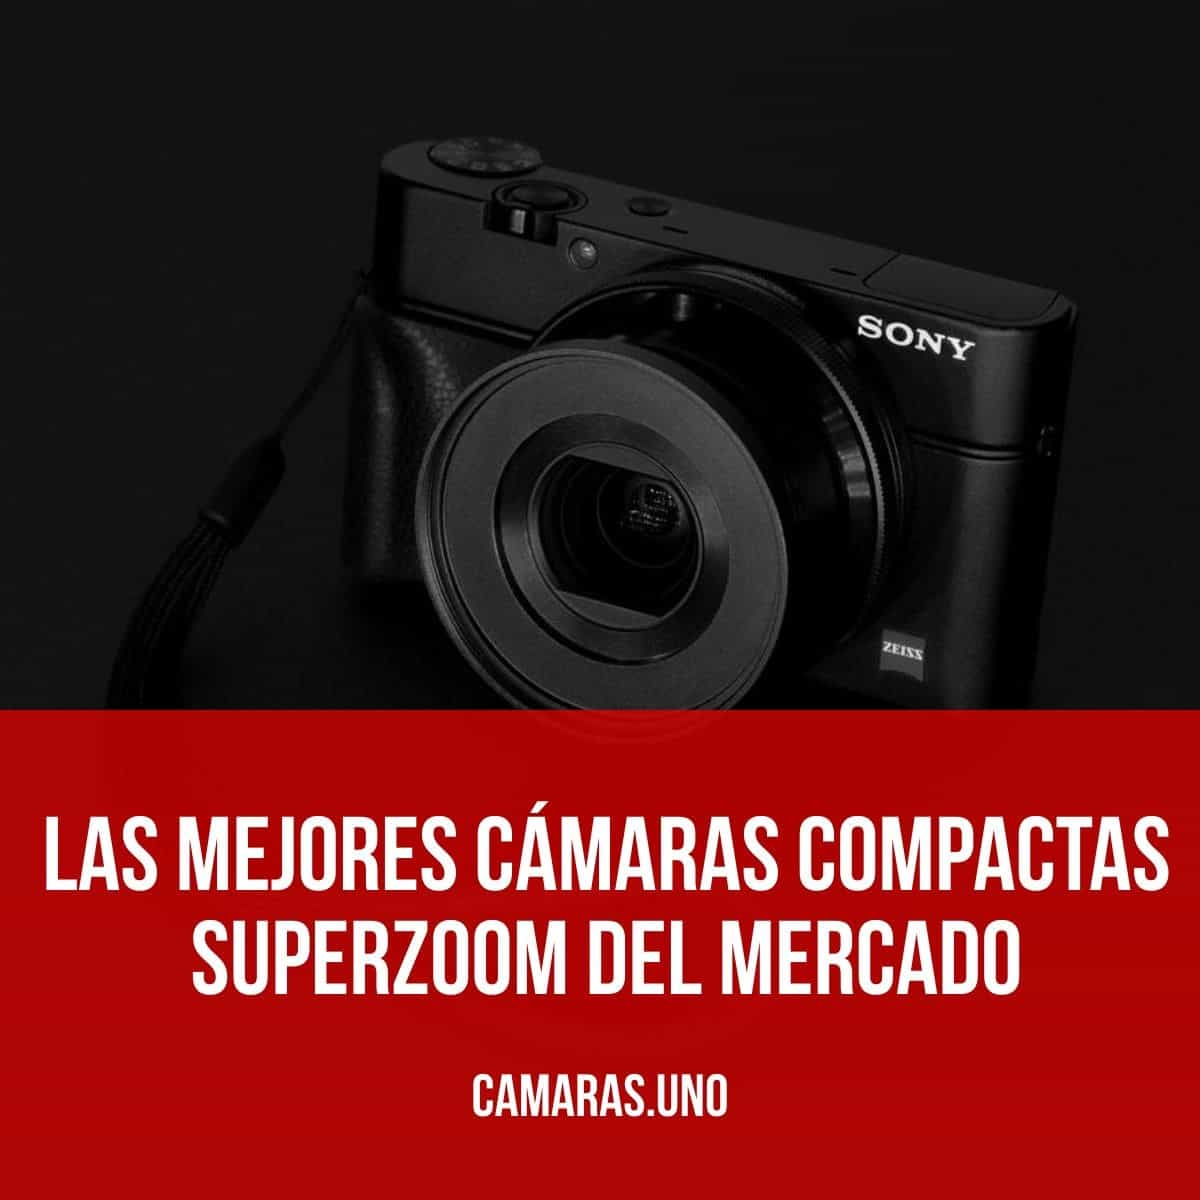 Las mejores cámaras compactas superzoom del mercado